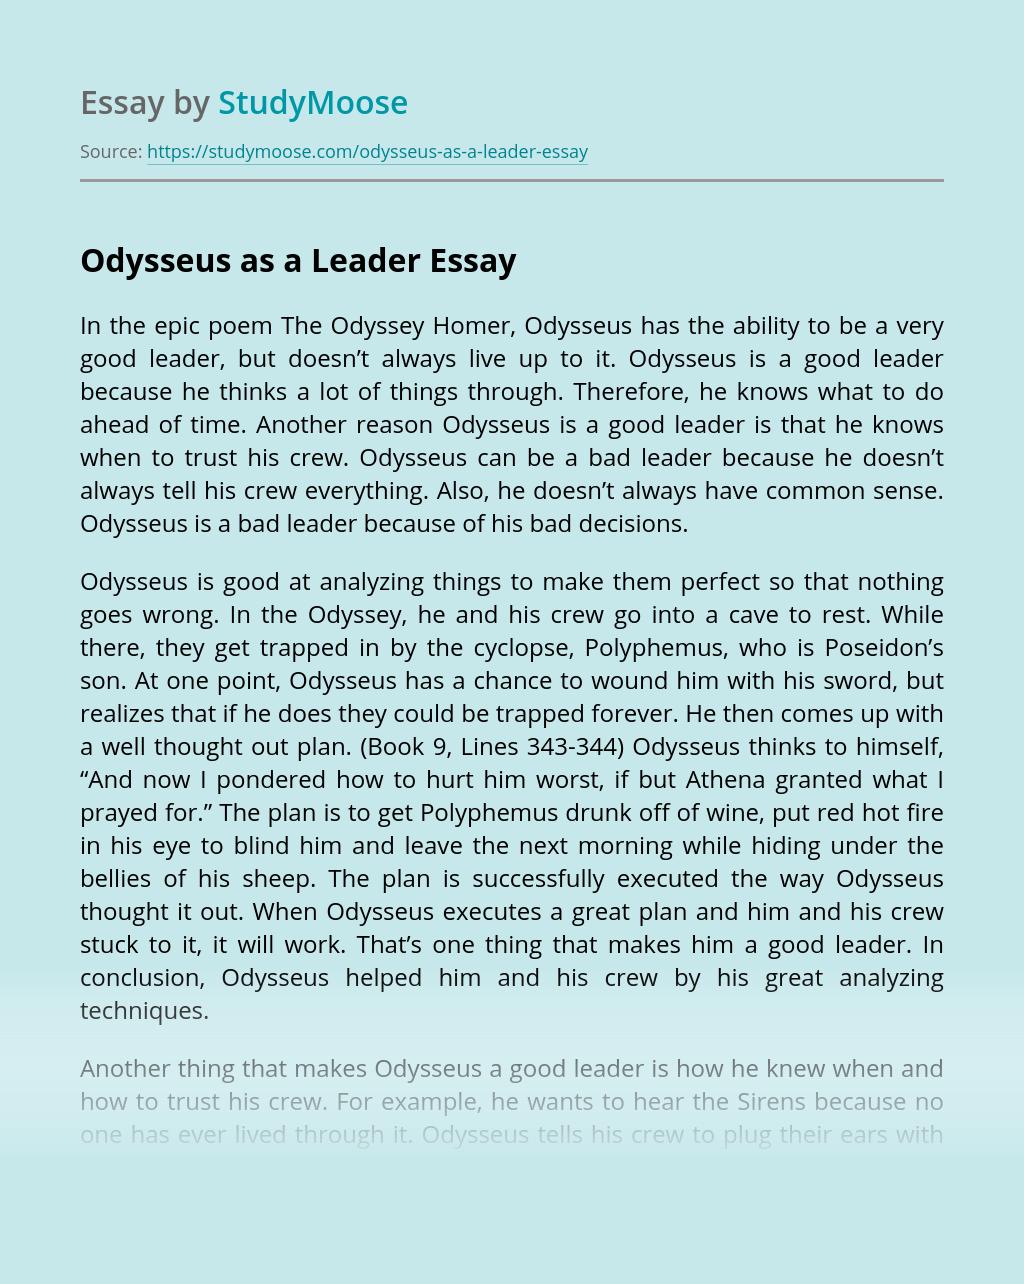 Odysseus as a Leader